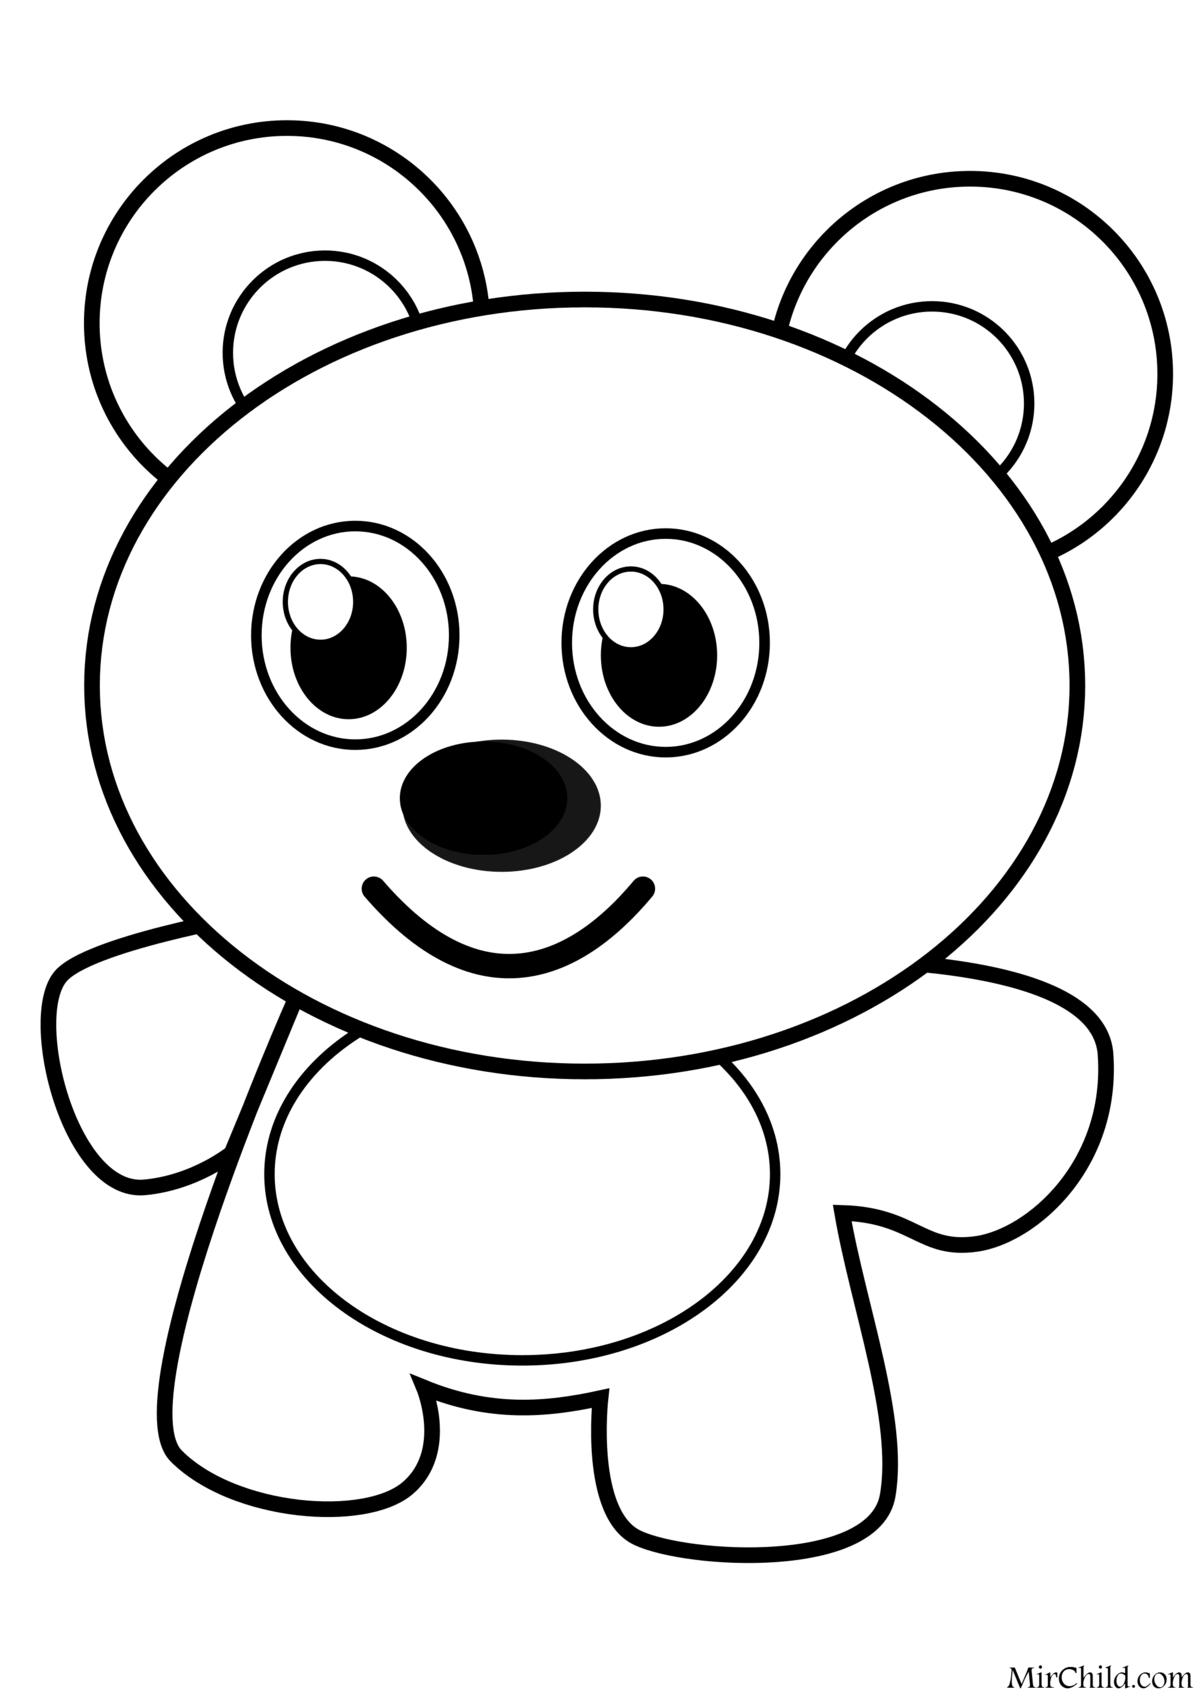 Рисование картинок для малышей